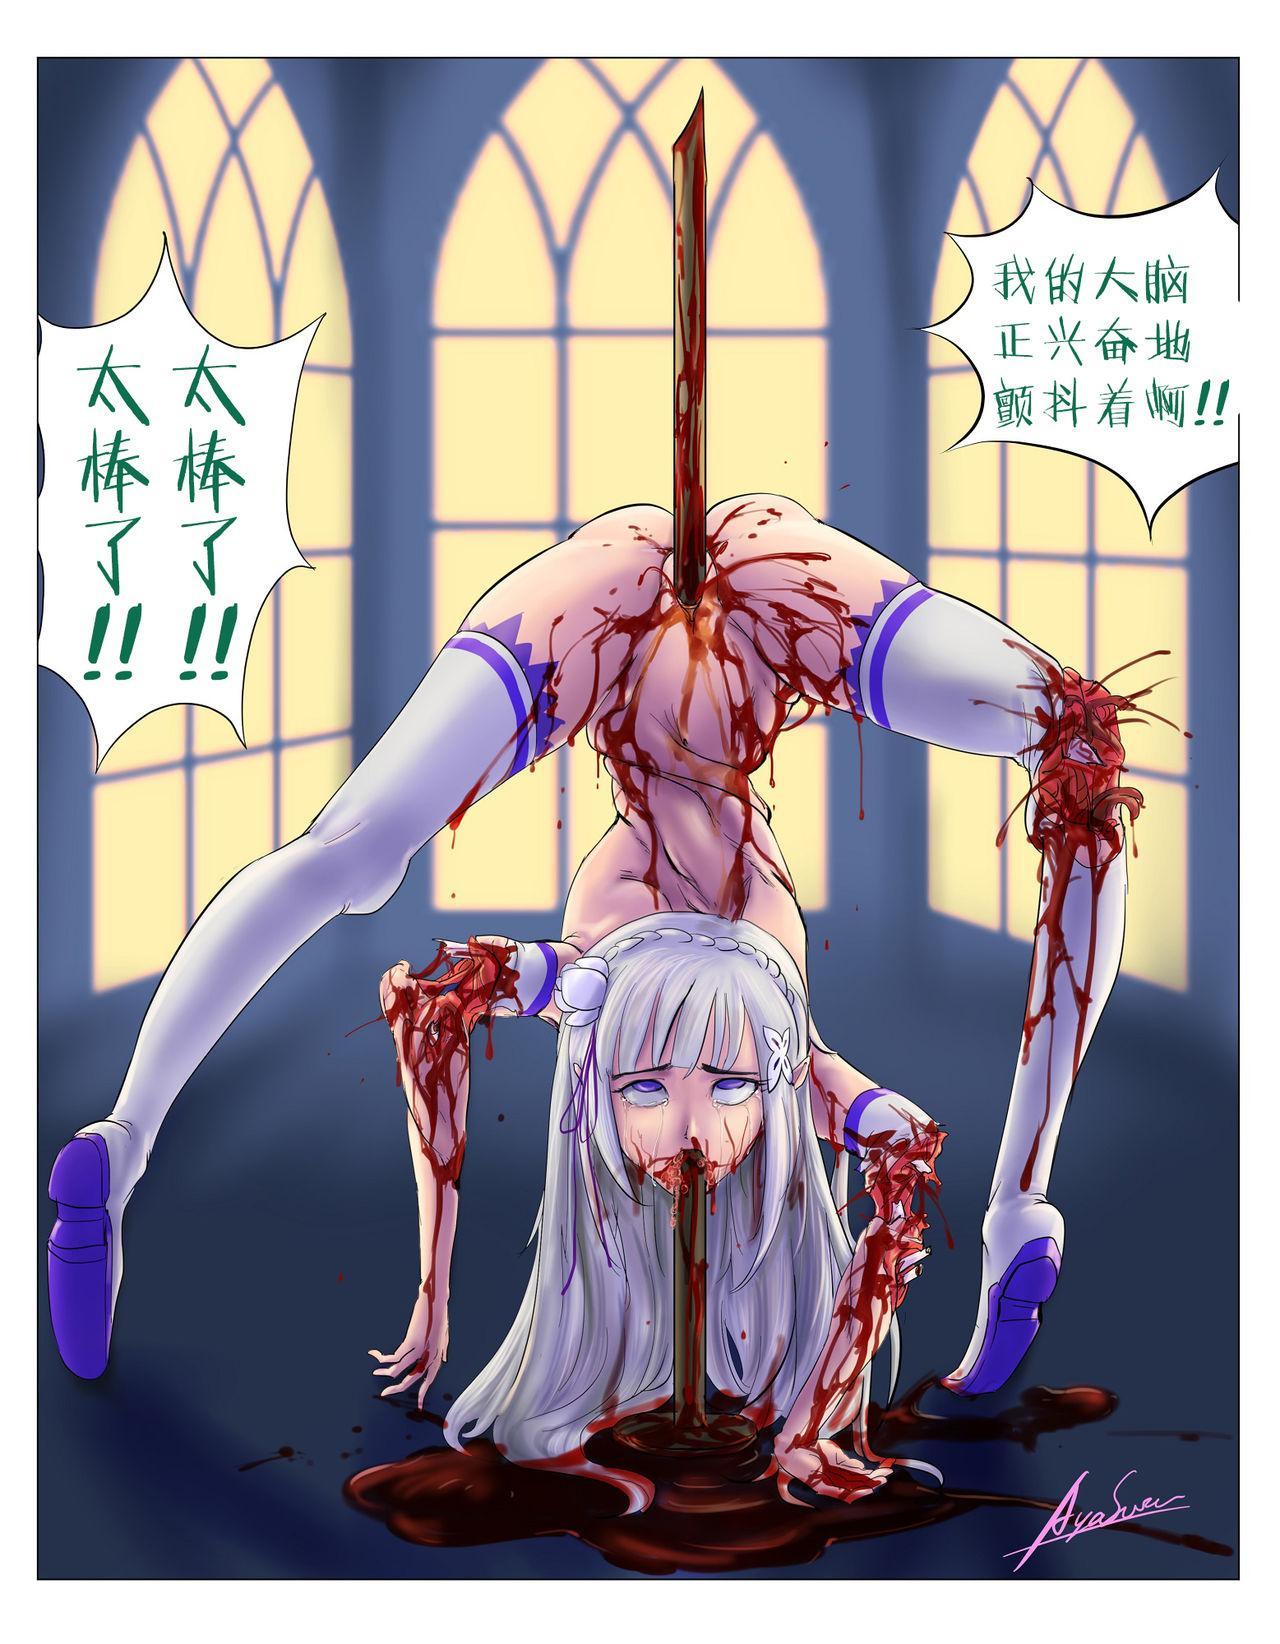 DEATH RAPE OF EMILIA 5